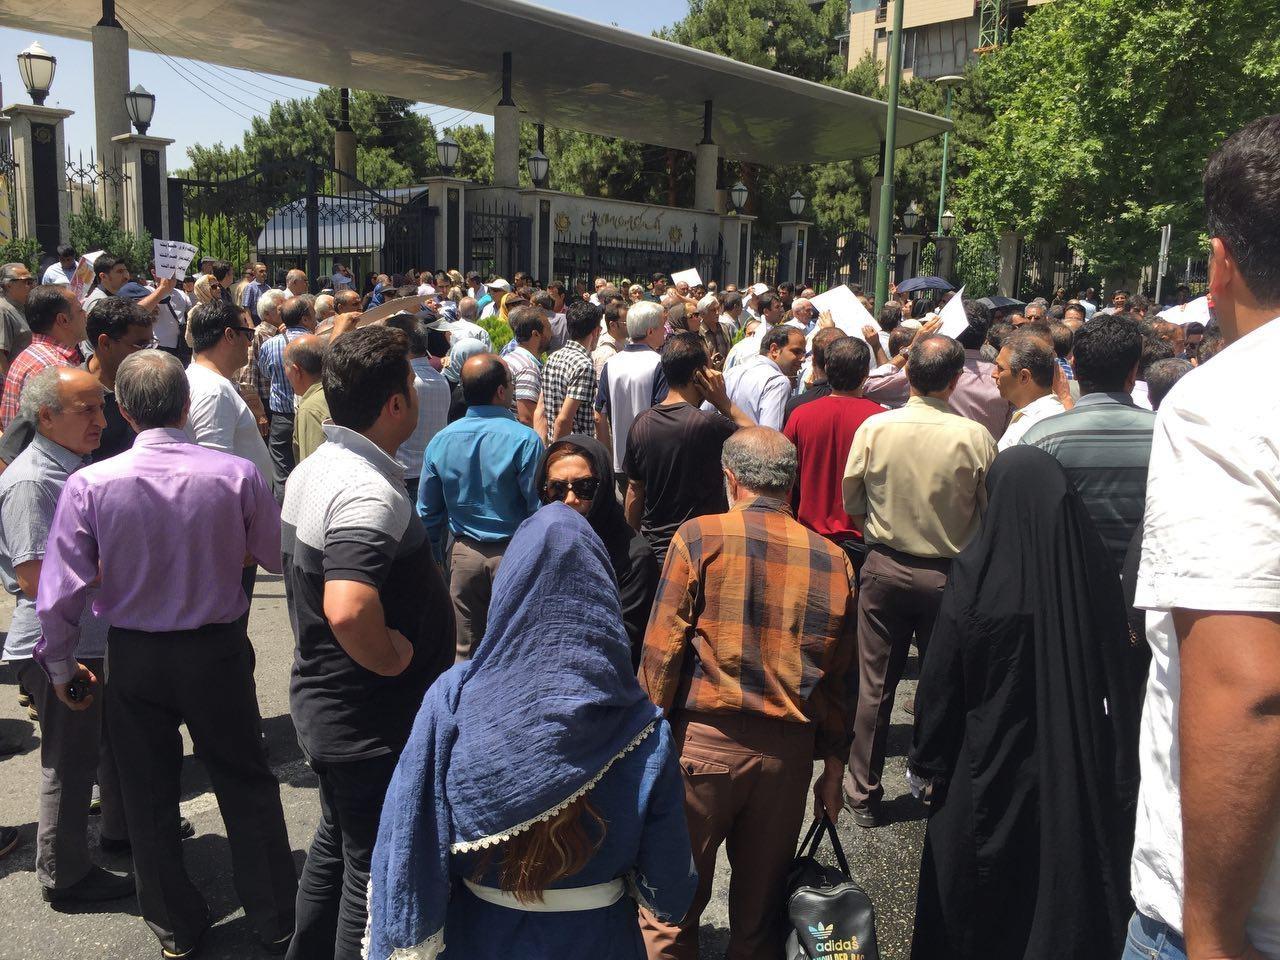 چه کسی به سپردهگذاران ثامنالحجج آدرس اشتباه می دهد؟ / امضاکنندگان تقدیرنامهها باید پاسخگو باشند